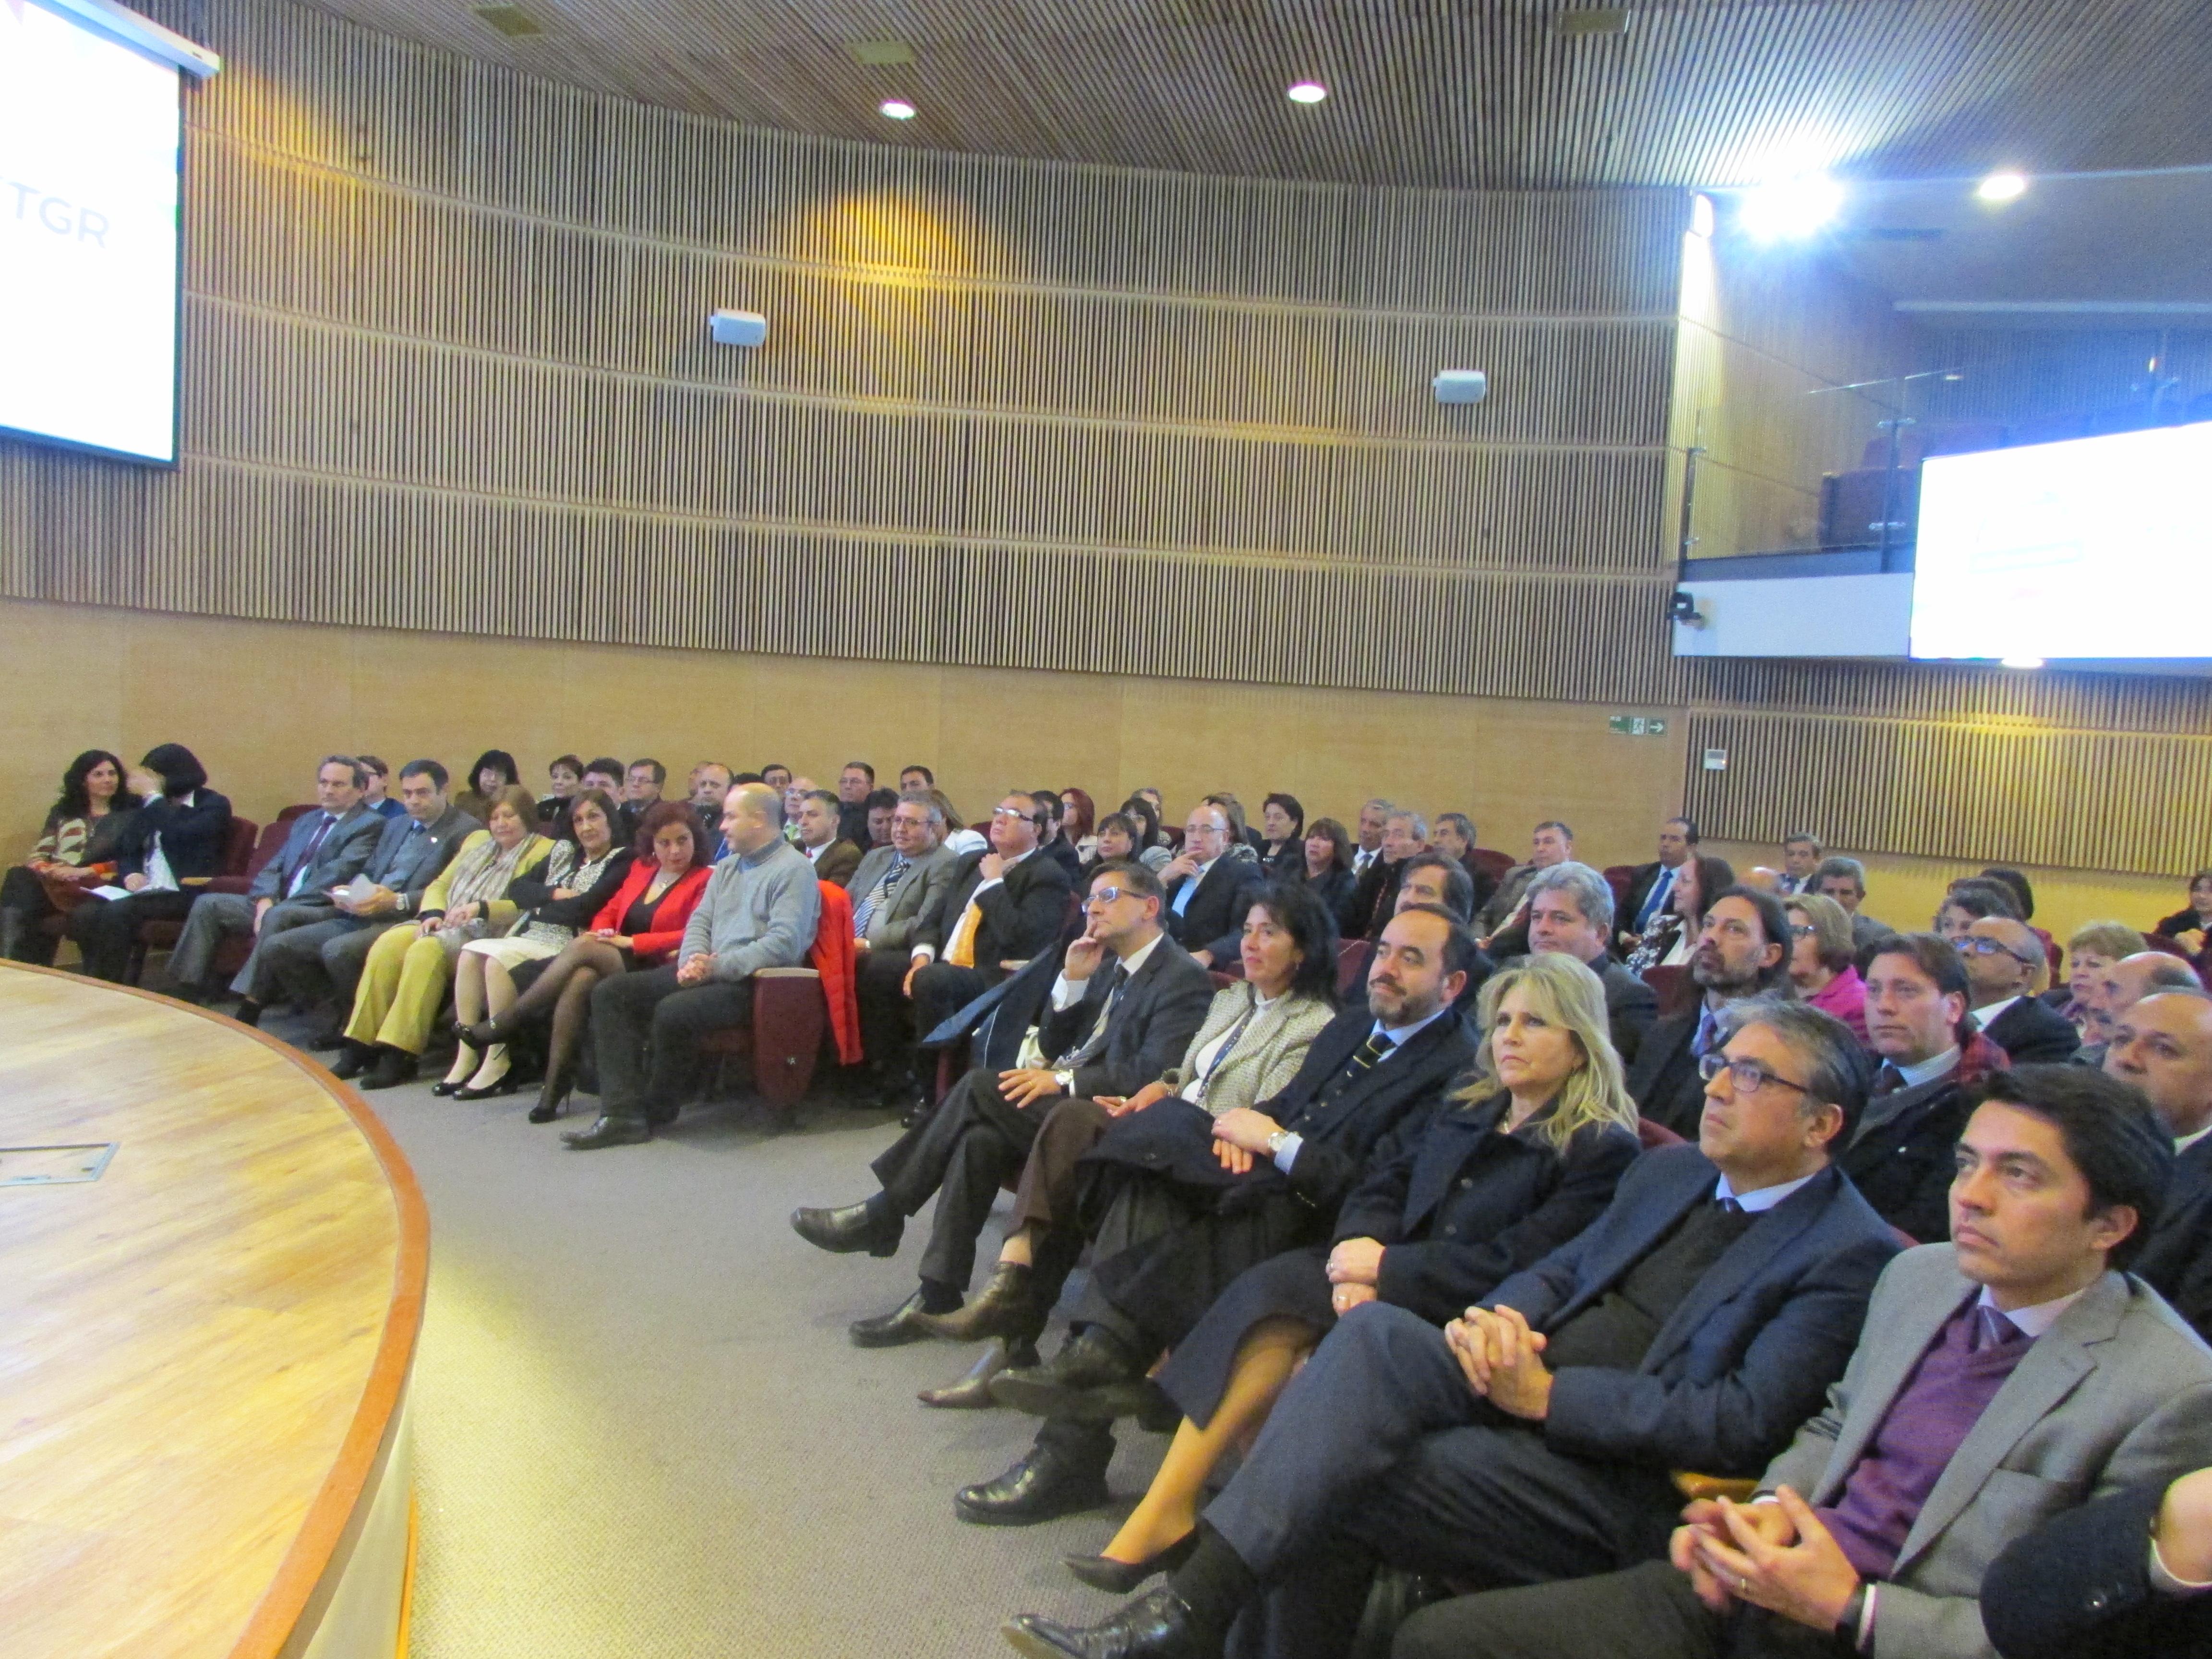 AET presente en Ceremonia Premiación de 67 funcionarios/as de la TGR - 01 Agosto 2018